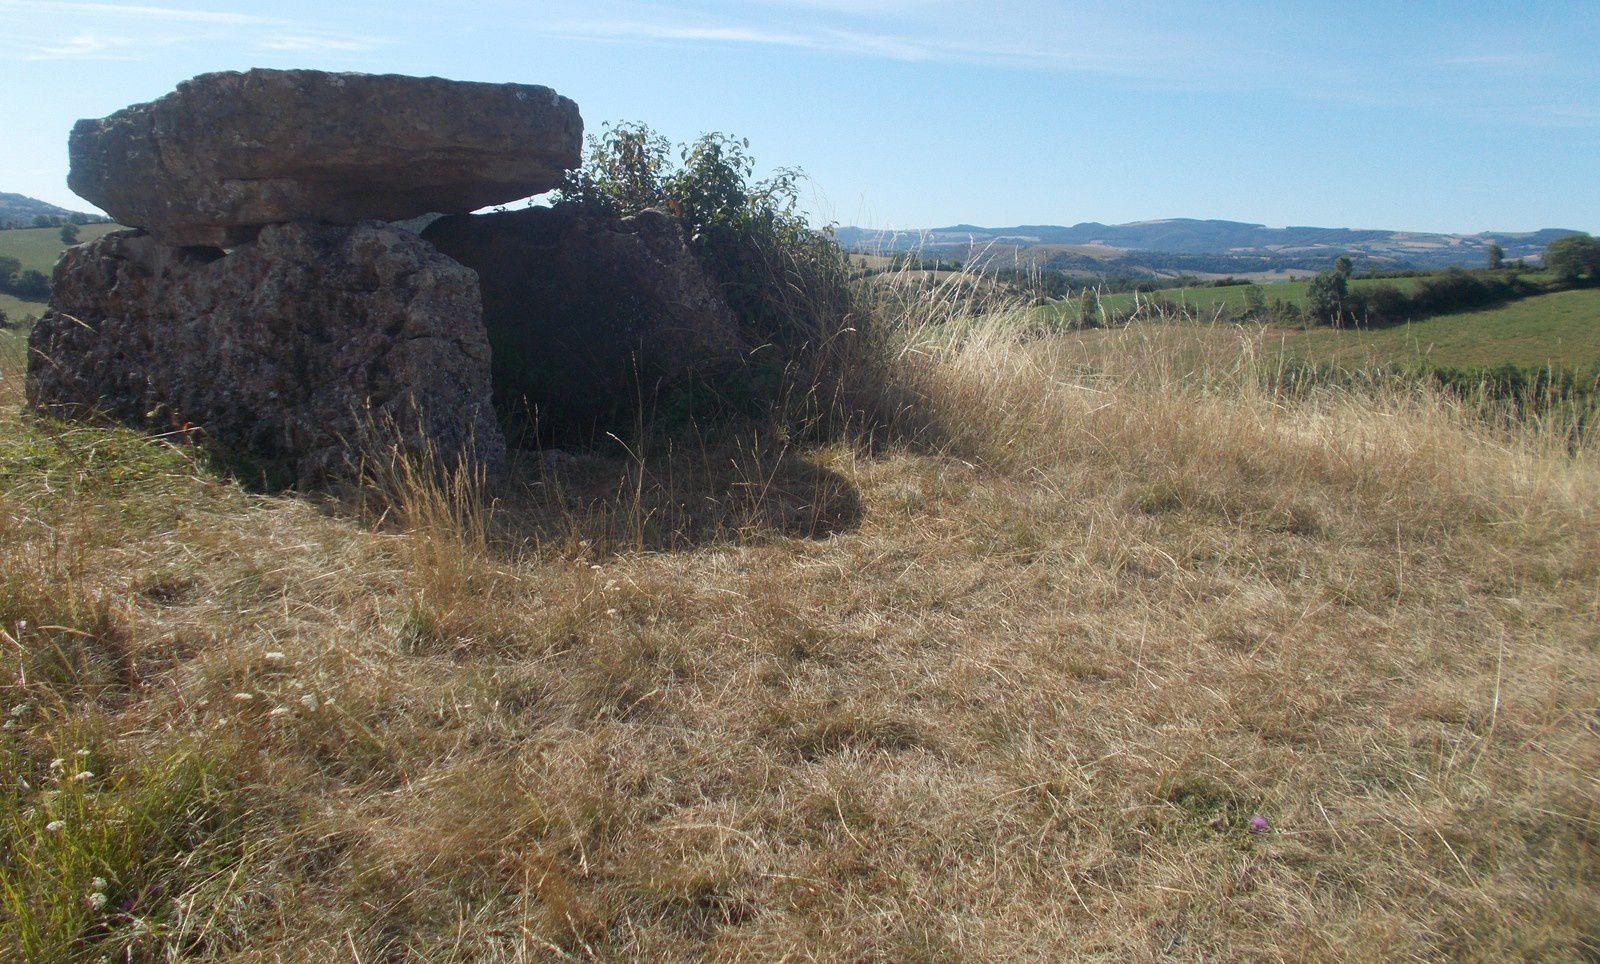 Vitrail et peintures (détails) de Pierre Soulages ( Conques/musée de Rodez), Puech de Wolf, dolmens au sud de Rodez, cimetière marin à Sète. Photos de Régis Roux.